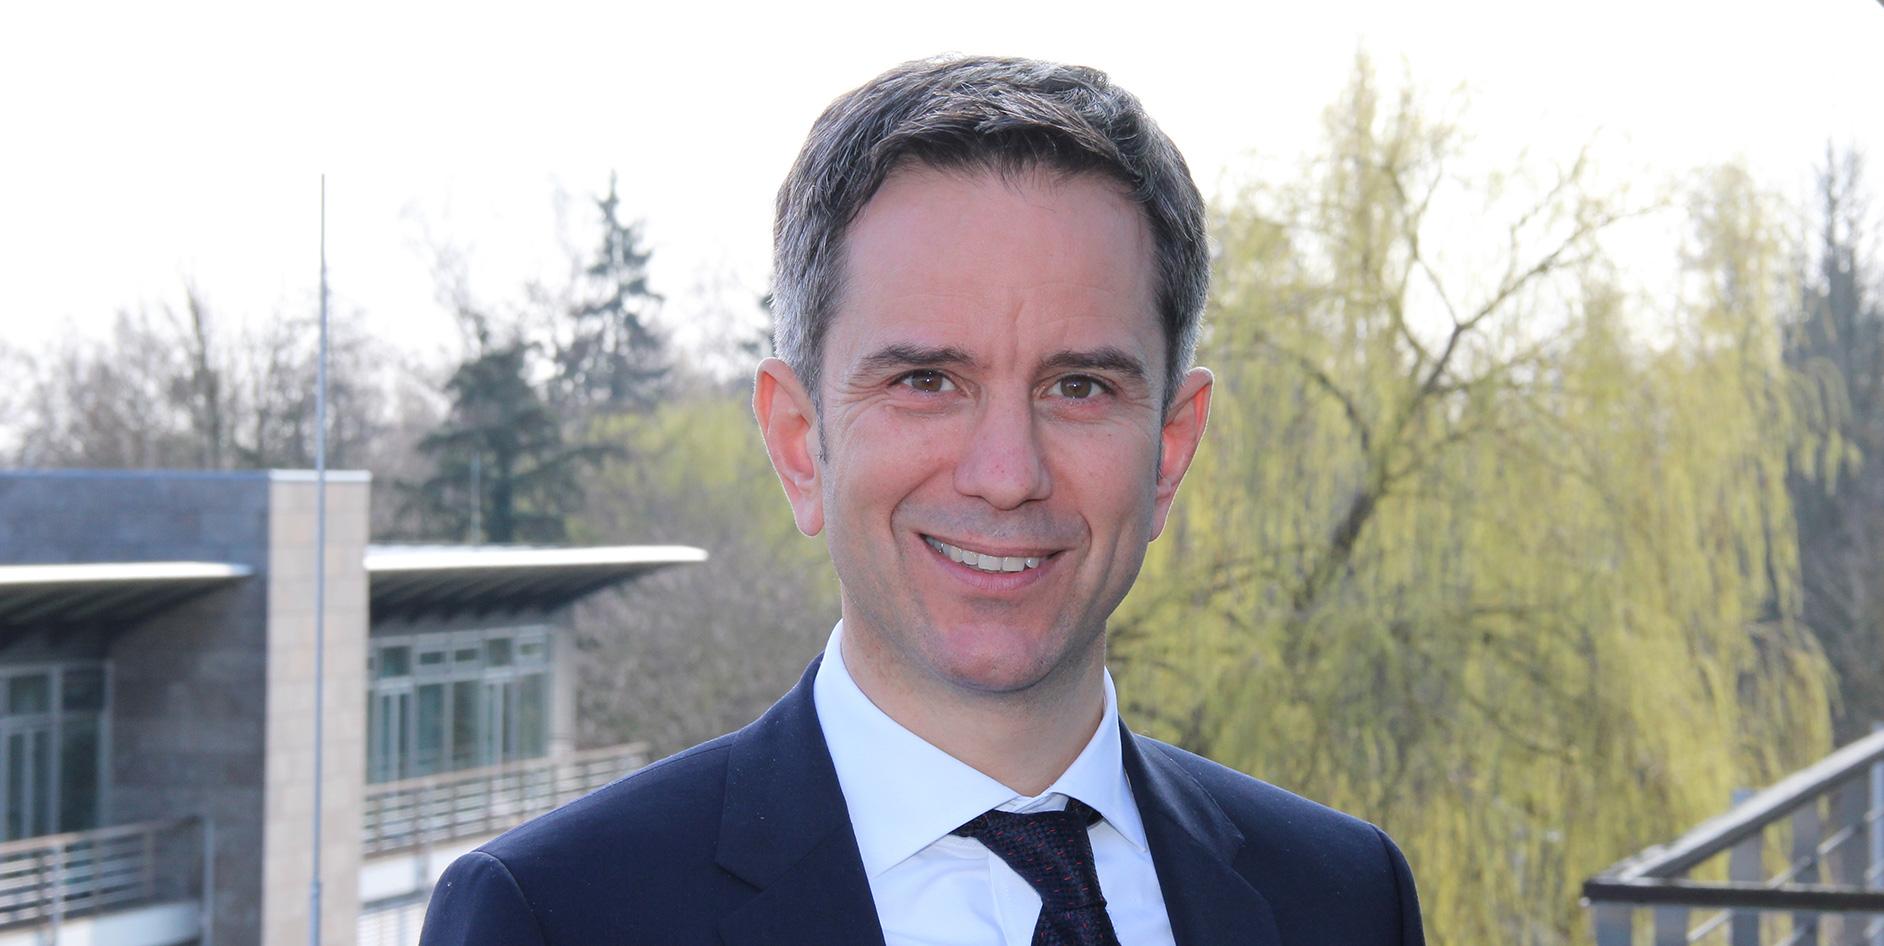 Hans-Hinrich Schriever ist ab 1. Juli 2020 zum Geschäftsführer der EAM bestellt worden.